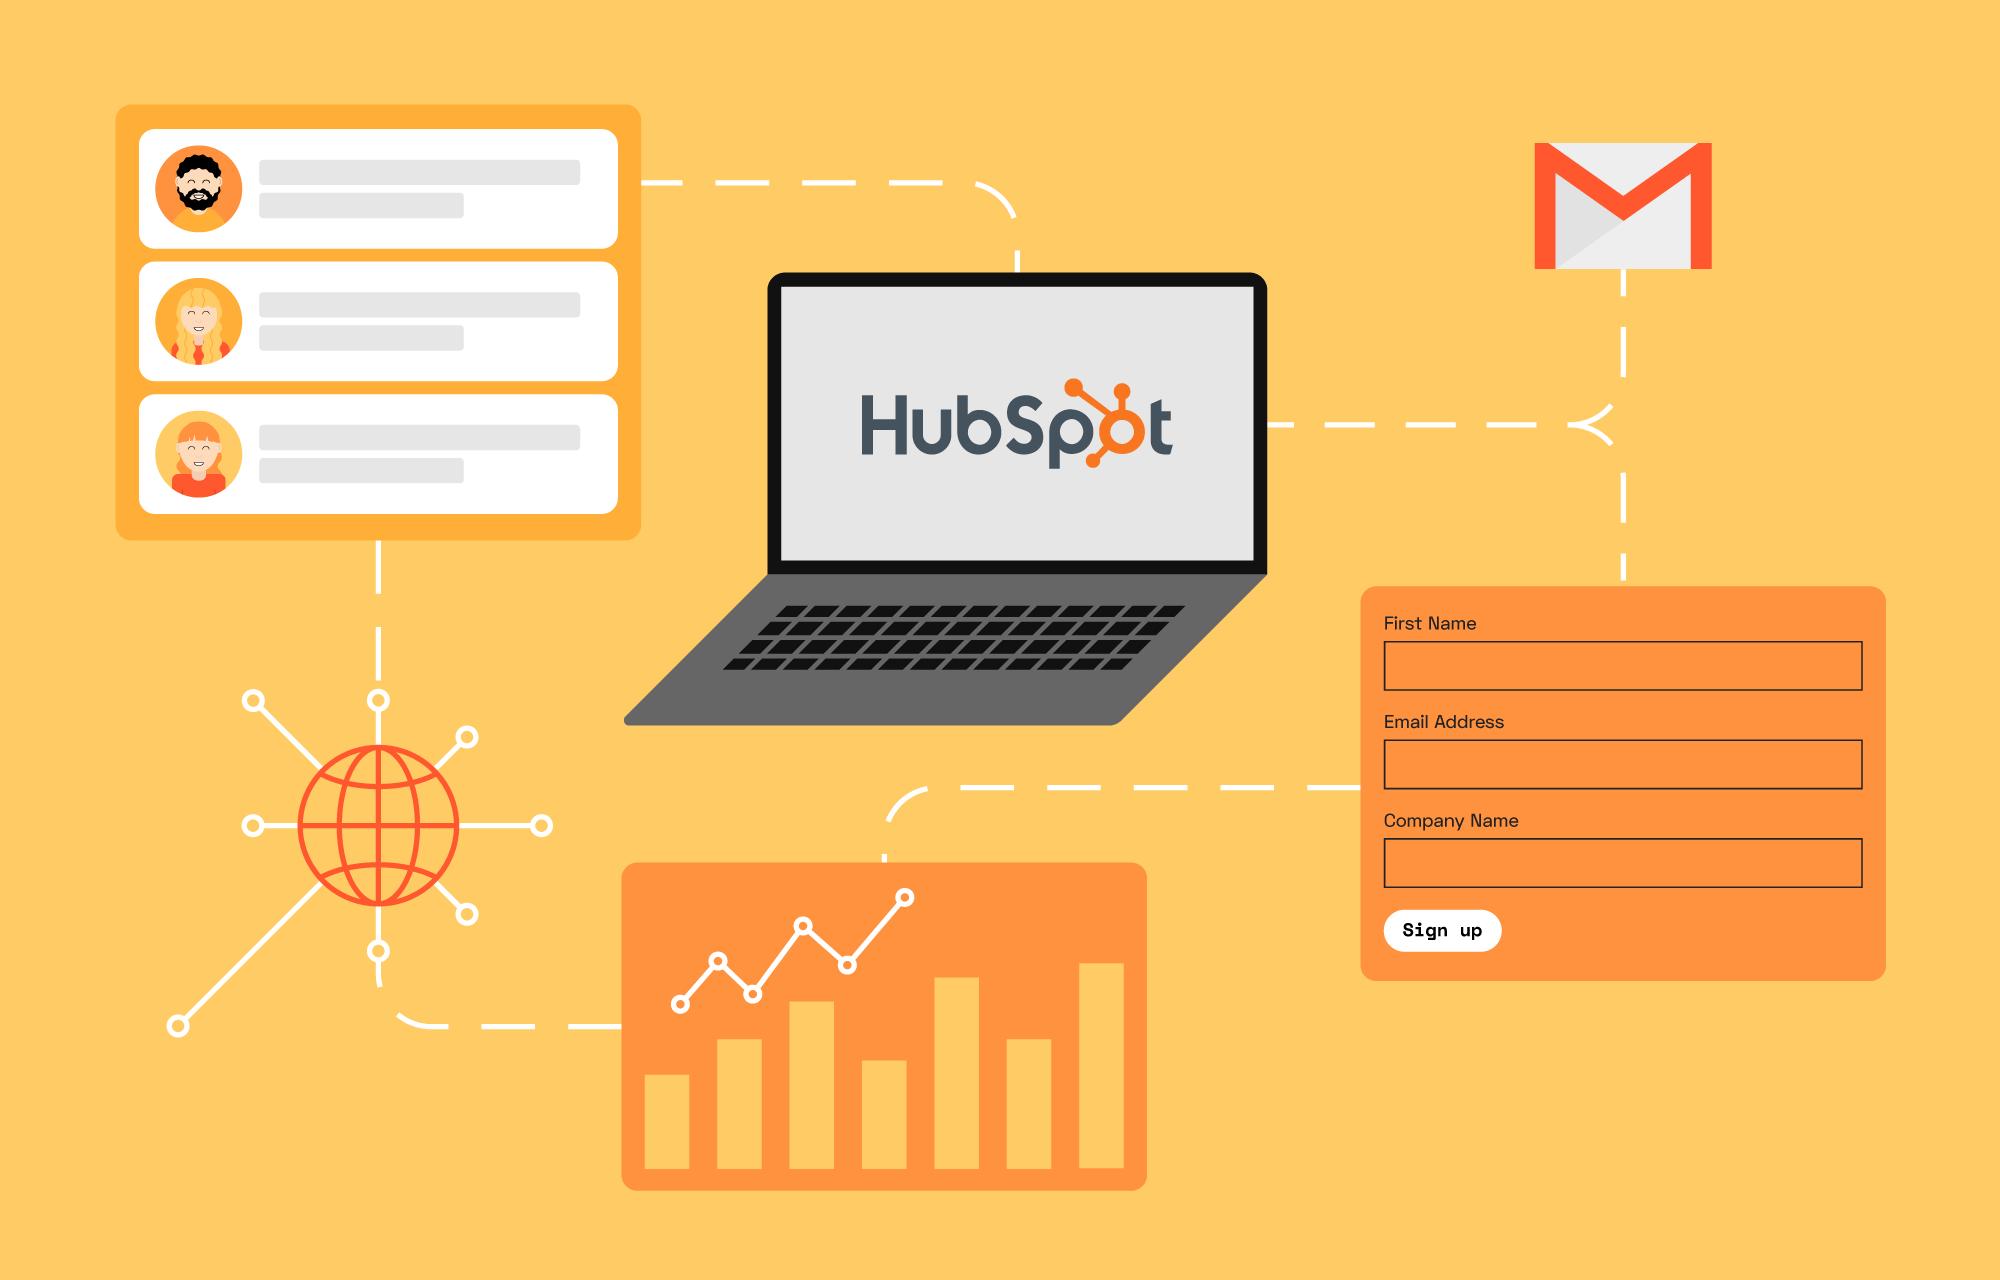 """Khám Phá Câu Chuyện Của HubSpot - """"Cha Đẻ"""" Khái Niệm Inbound Marketing"""